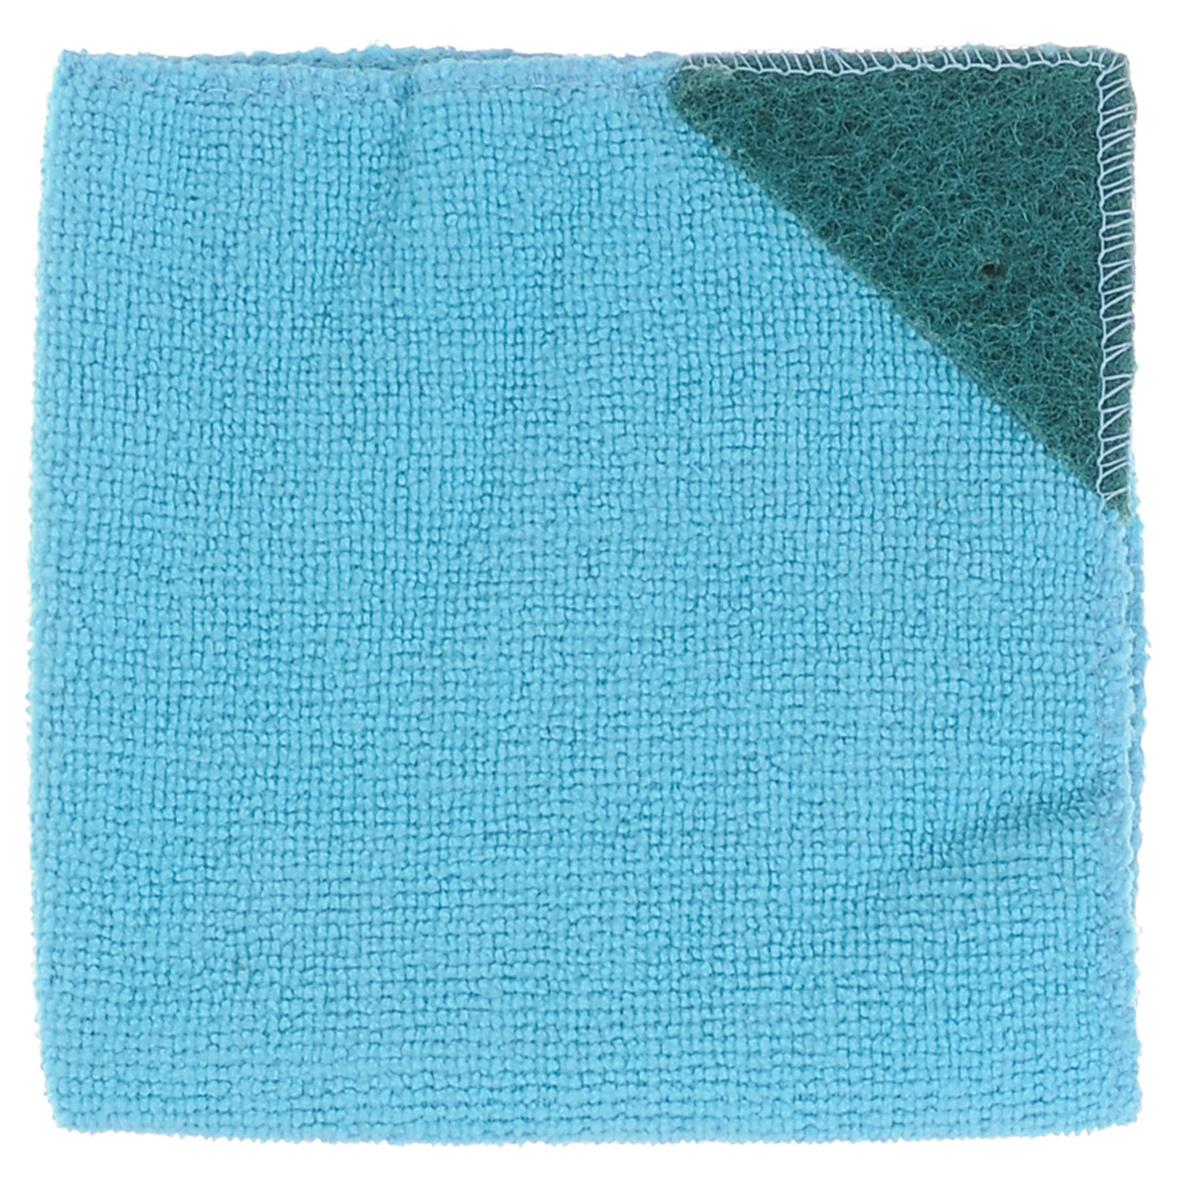 Салфетка для кухни Eva, с абразивом, цвет: голубой, 30 см х 30 смЕ4803_голубойСалфетка Eva, выполненная из микрофибры, отлично удаляет загрязнения и впитывает влагу. Благодаря своей структуре, она не оставляет разводов, может удалять загрязнения без помощи чистящих средств и не оставляет ворса. Салфетка имеет абразивный уголок, что позволяет удалять особенно сложные загрязнения. Размер салфетки: 30 см х 30 см.